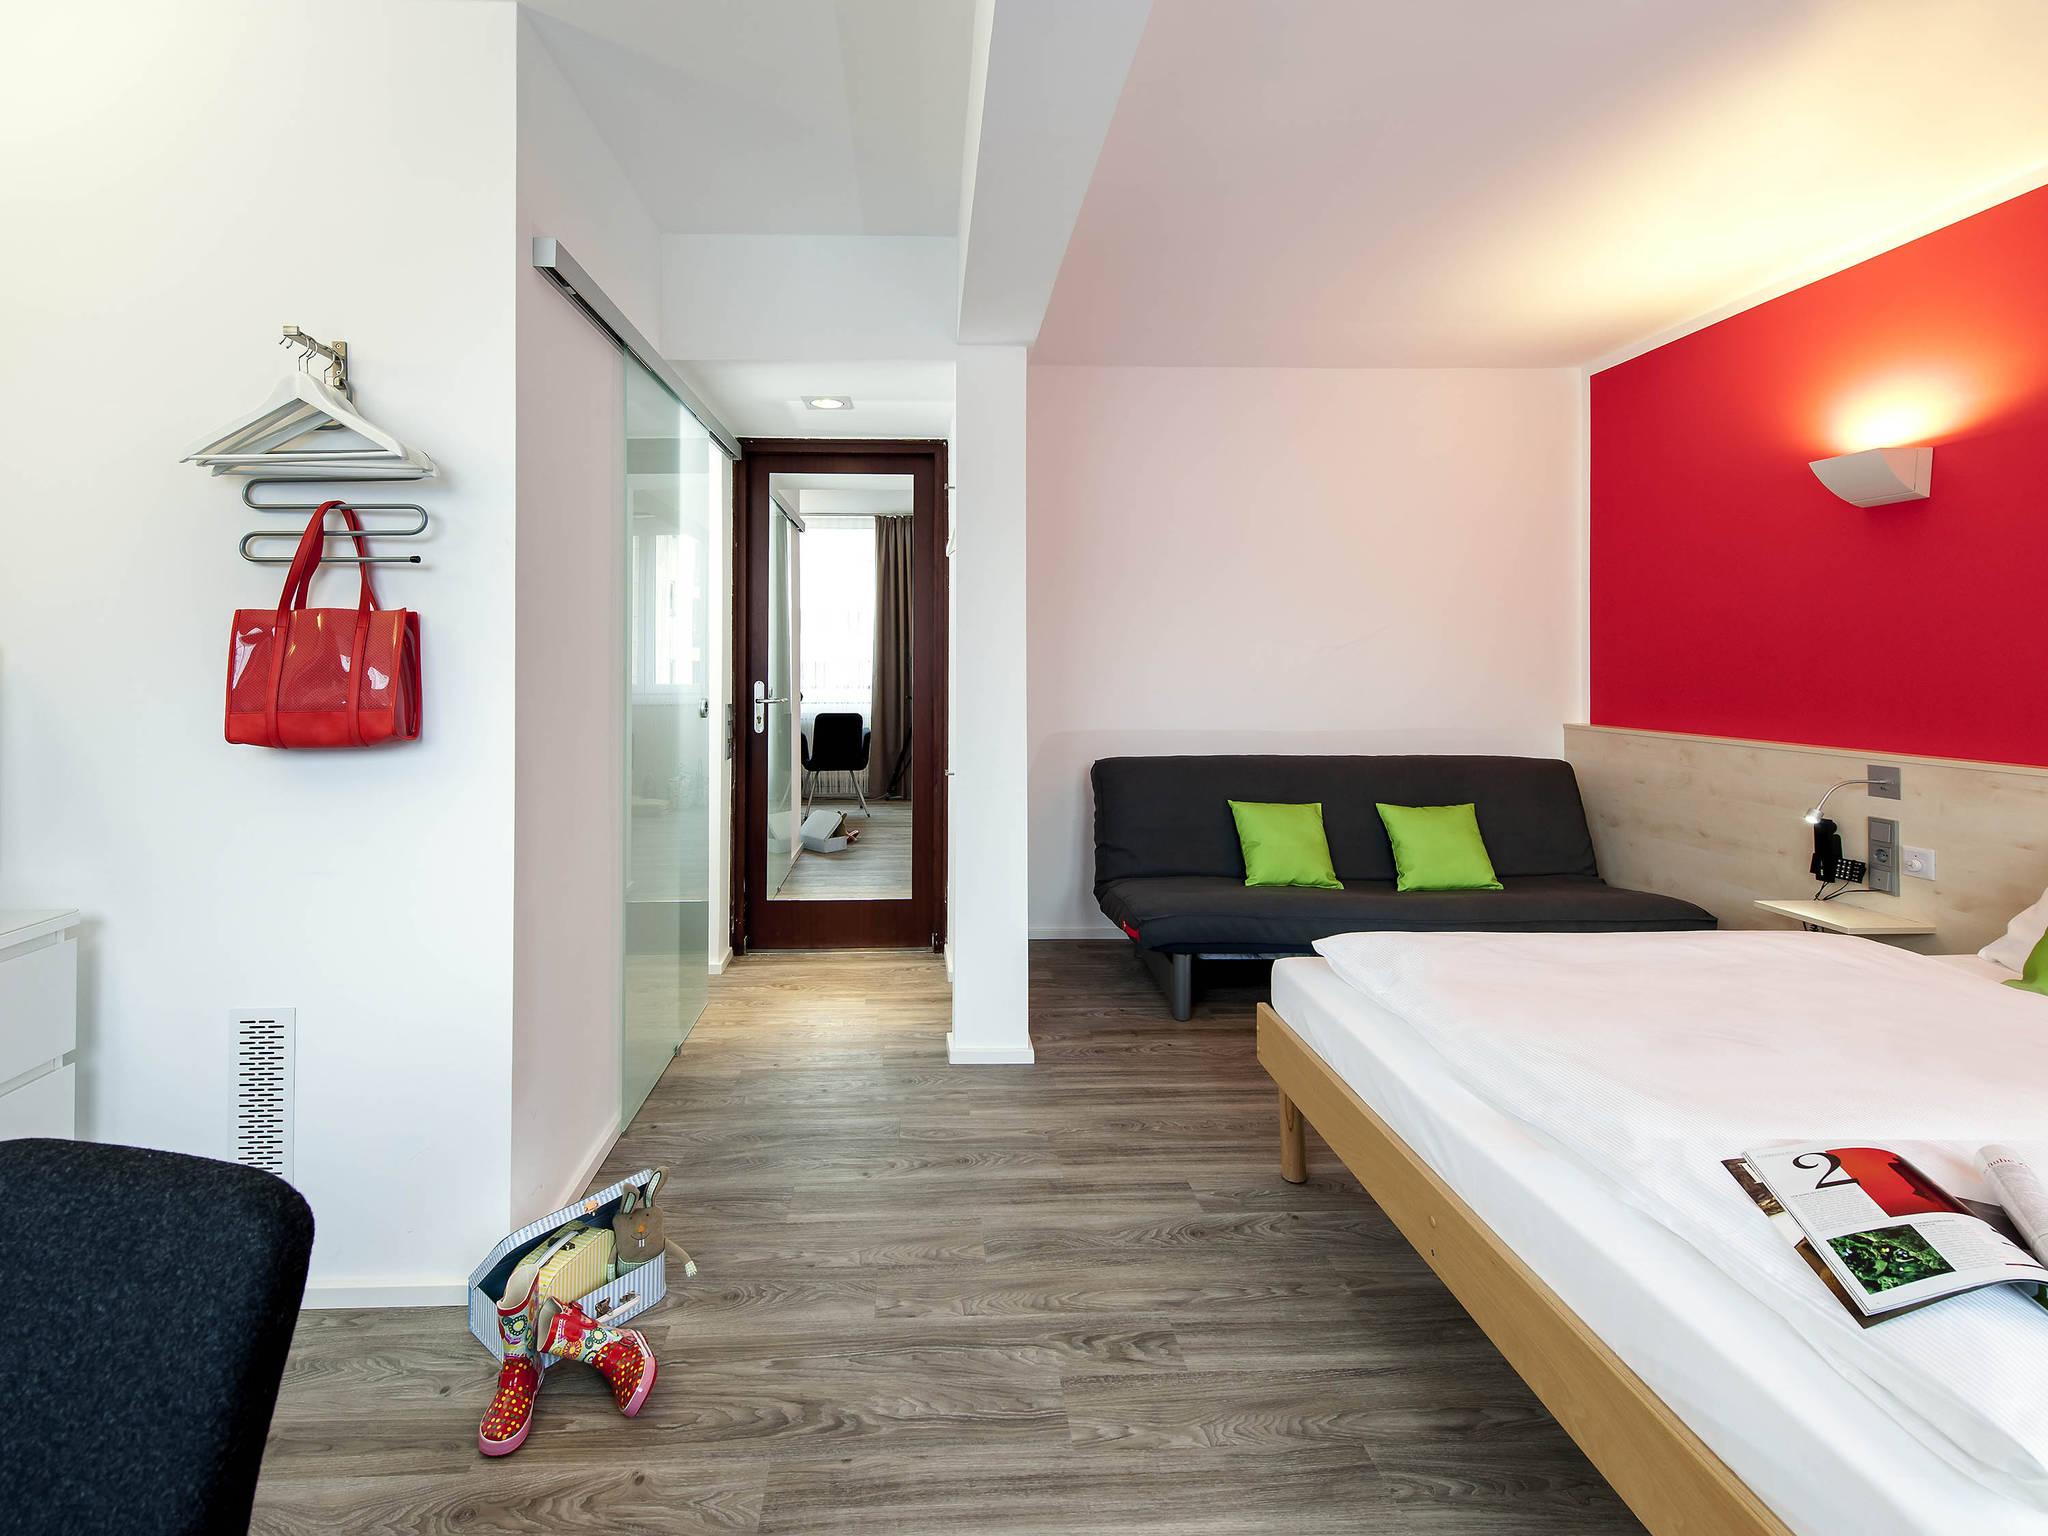 فندق - إيبيس ستايلز ibis Styles كولن سيتي